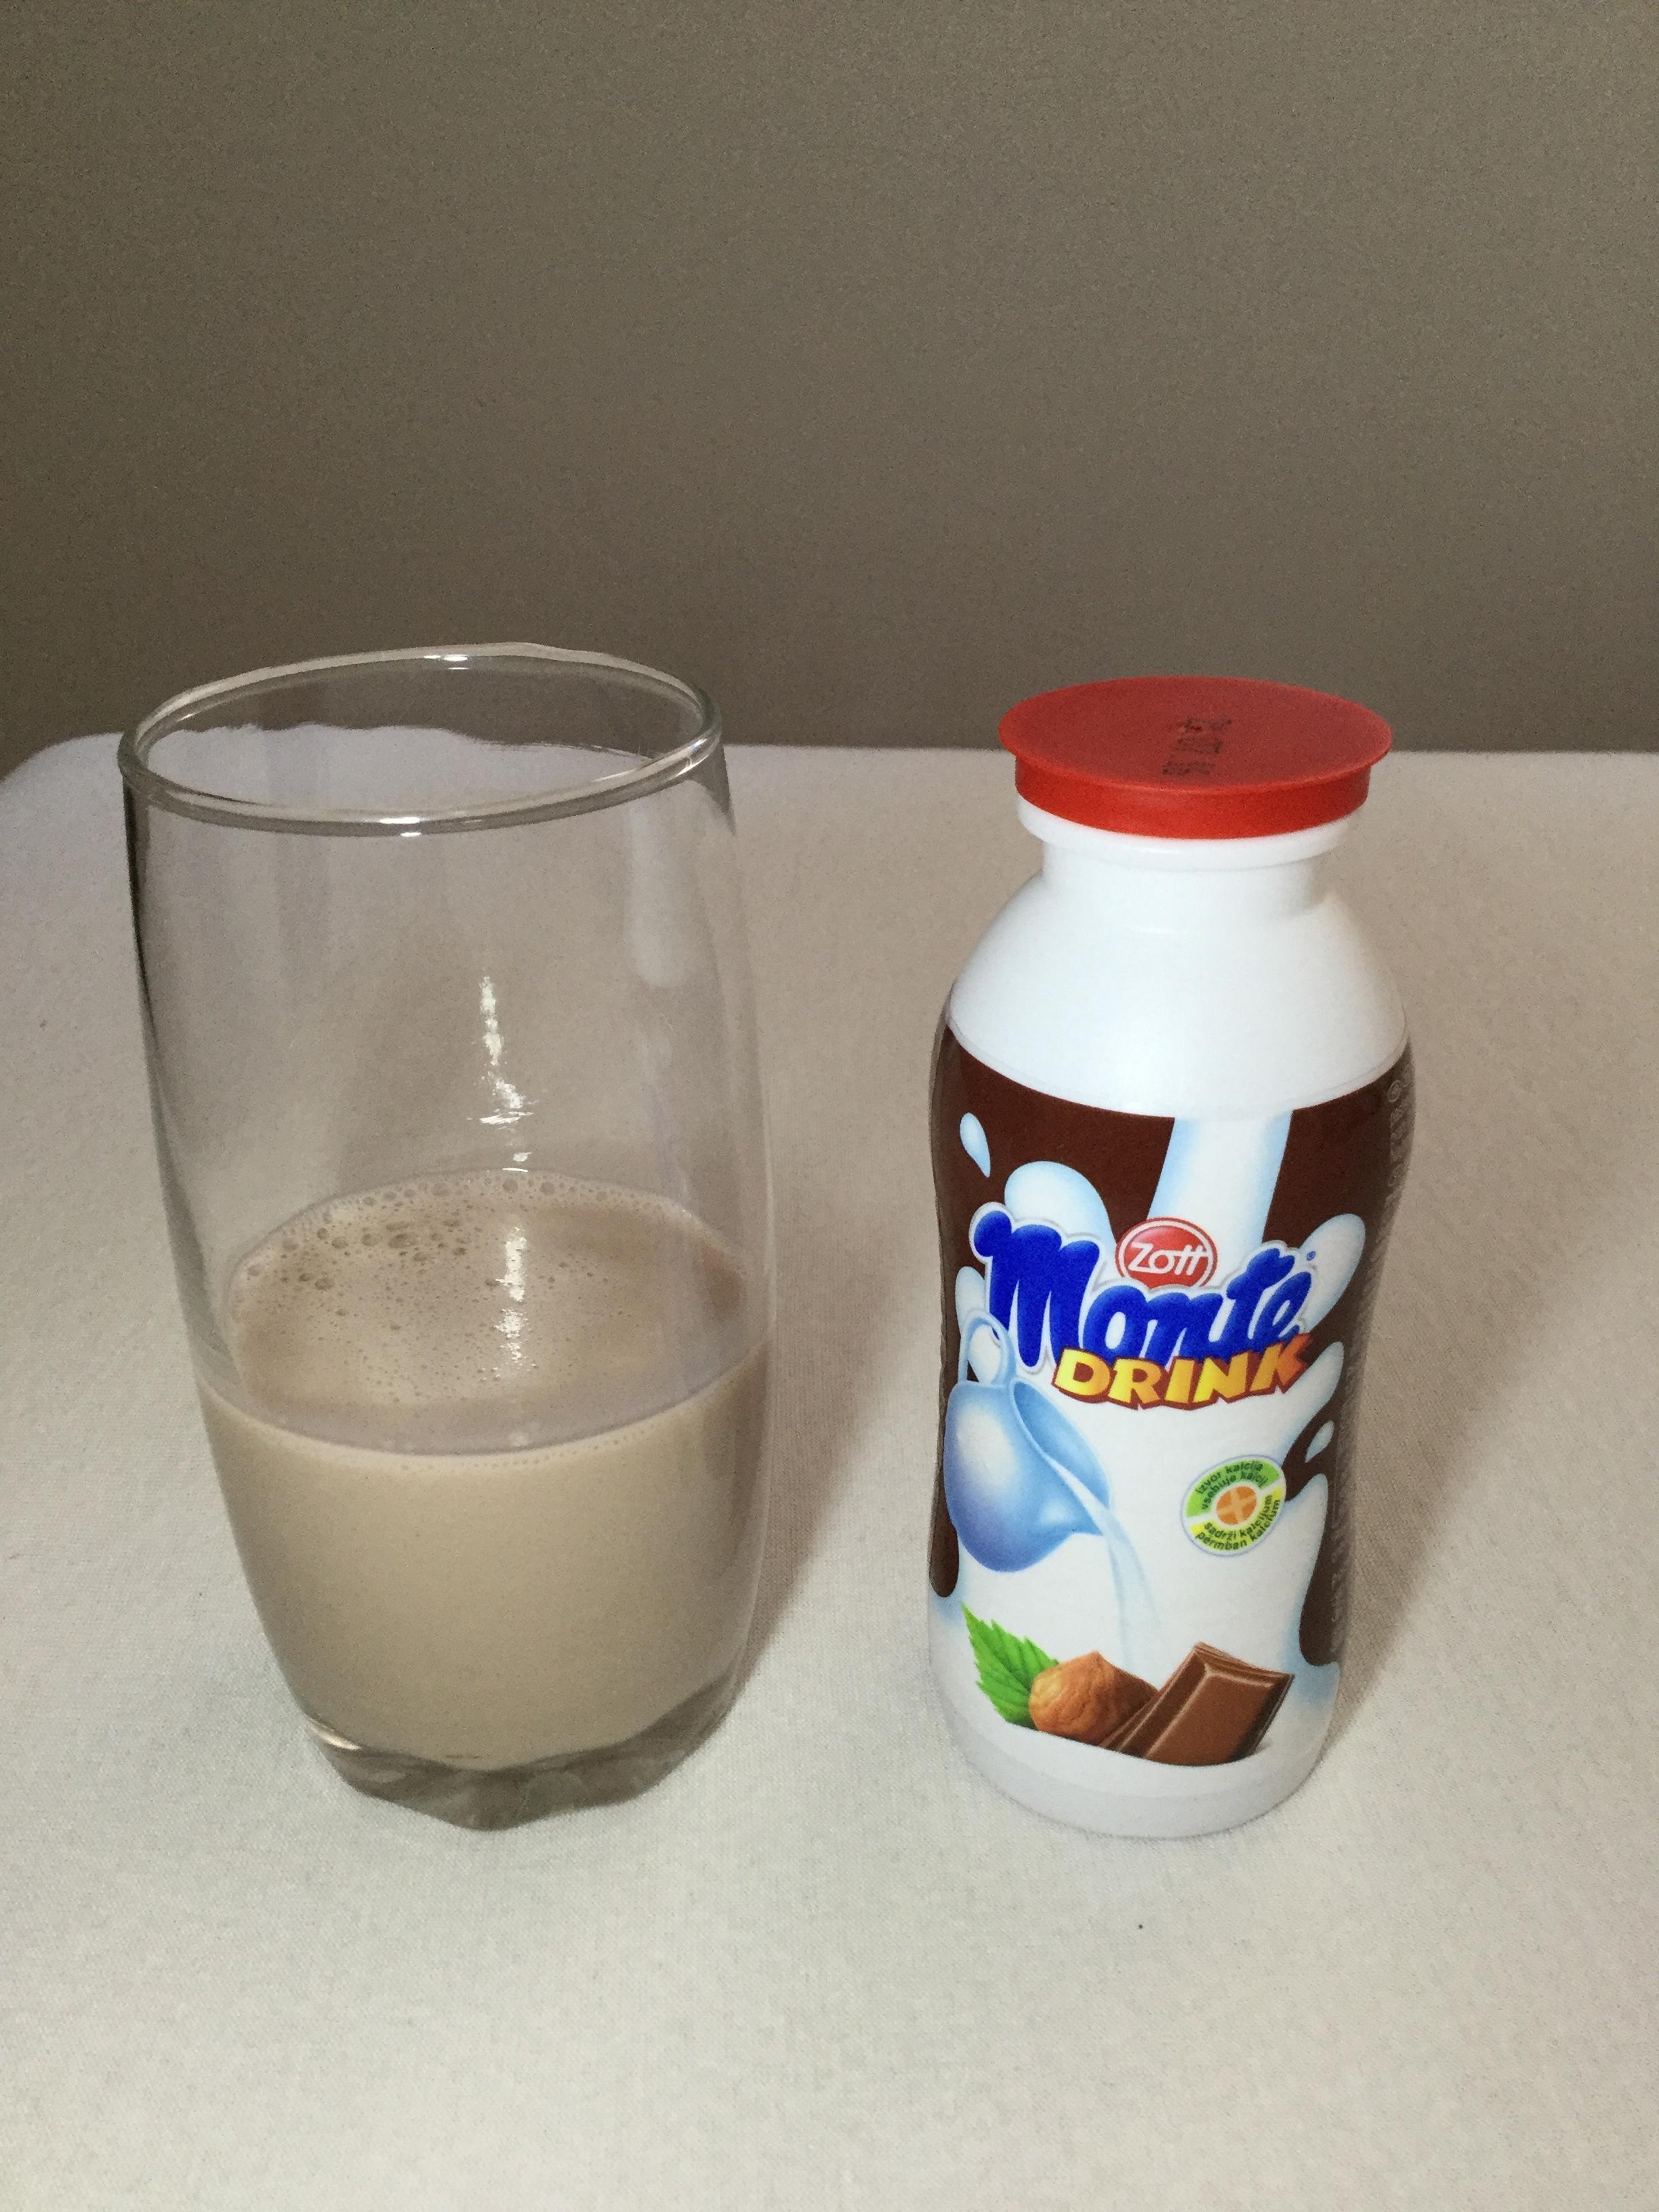 Zott Monte Drink Cup